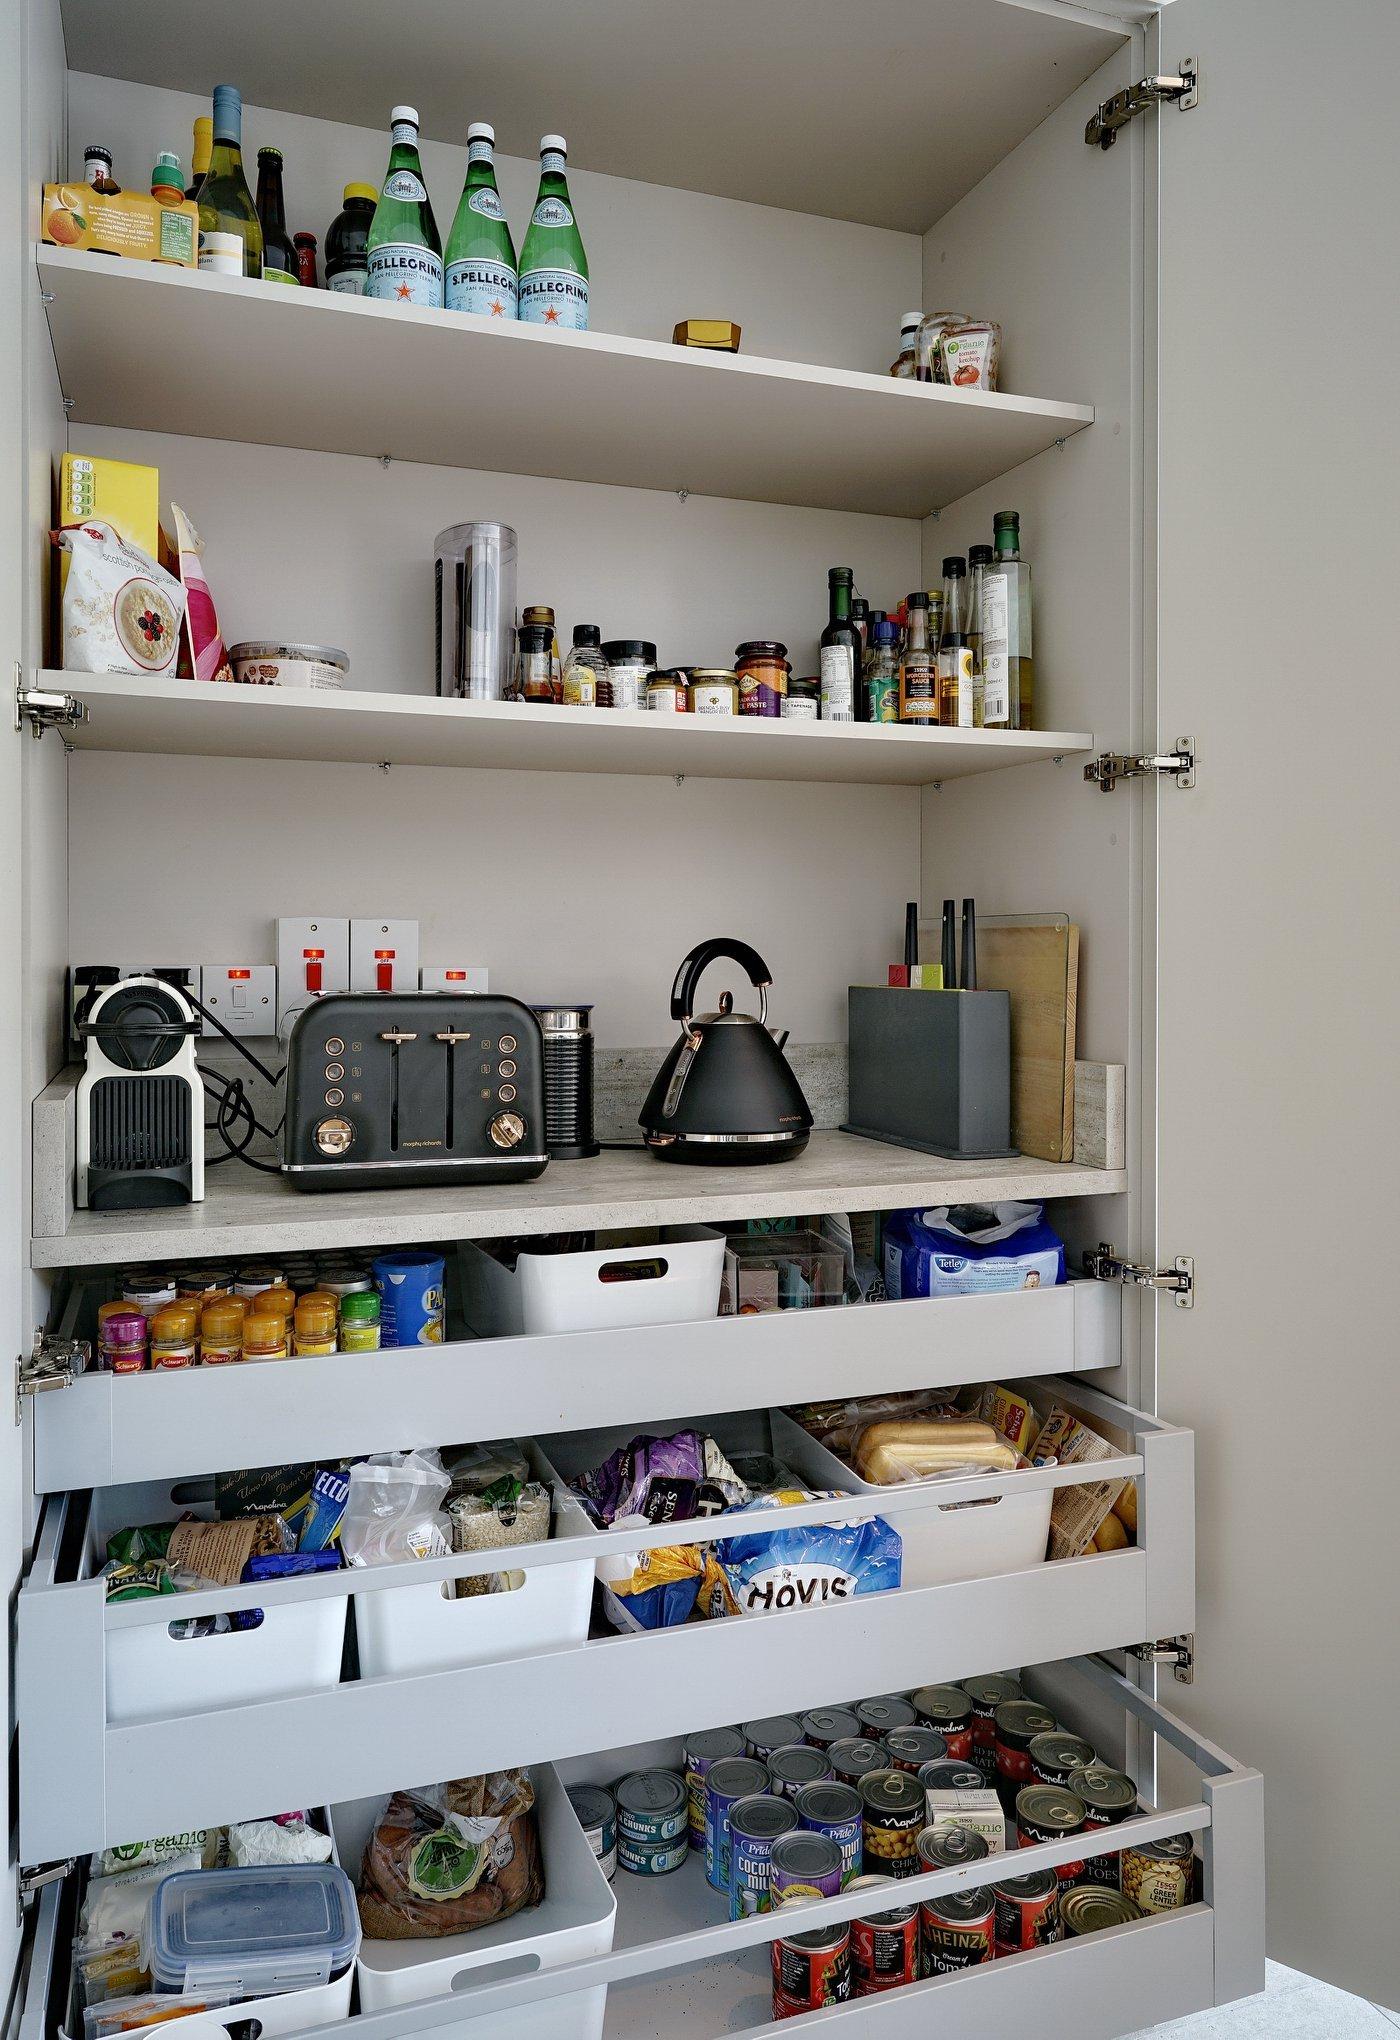 Modern larder in family kitchen